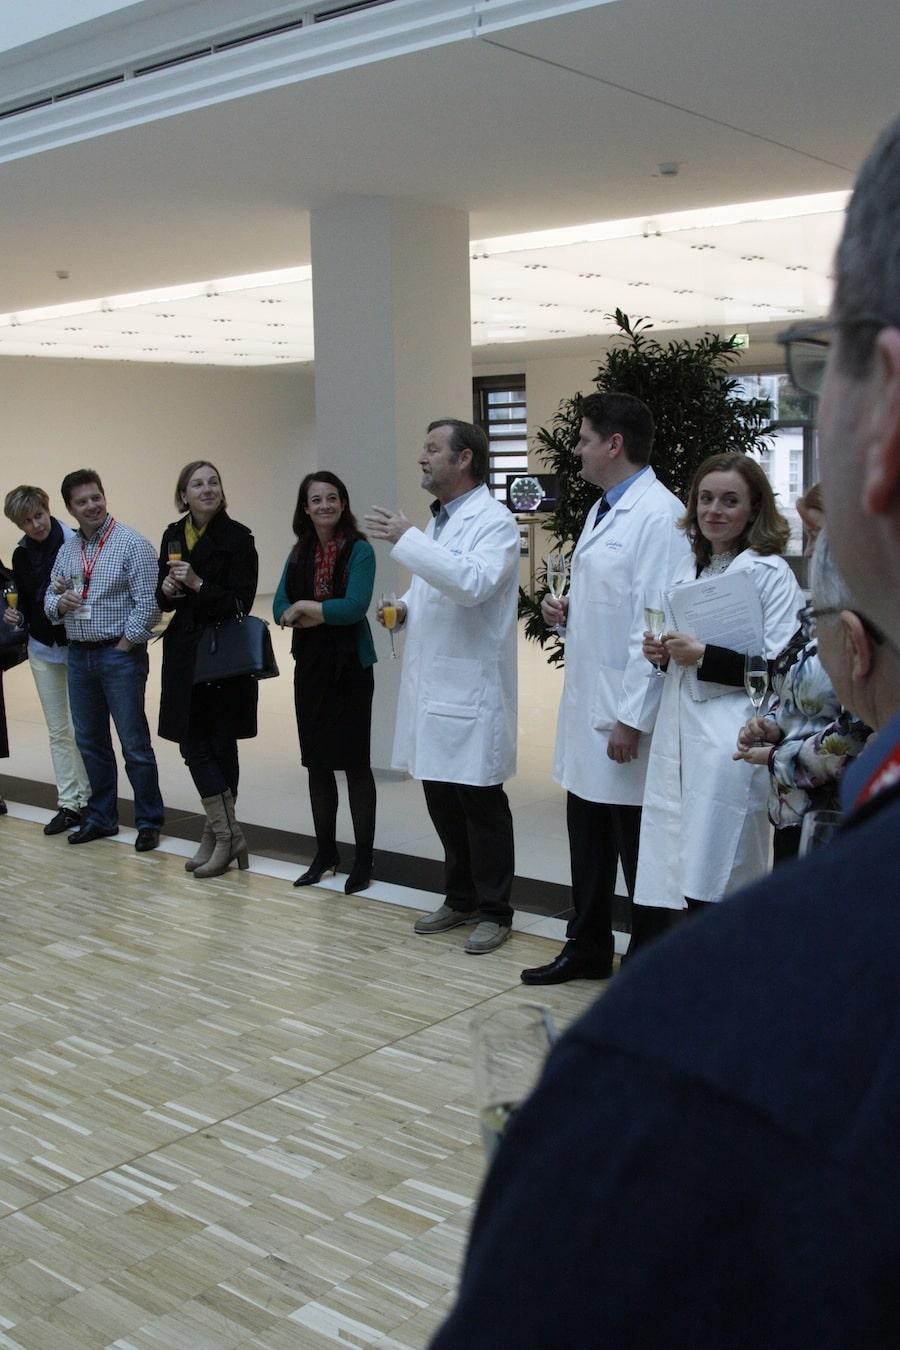 Yann Gamard, Präsident von Glashütte Original, begrüßt die Gäste persönlich in der Manufaktur.